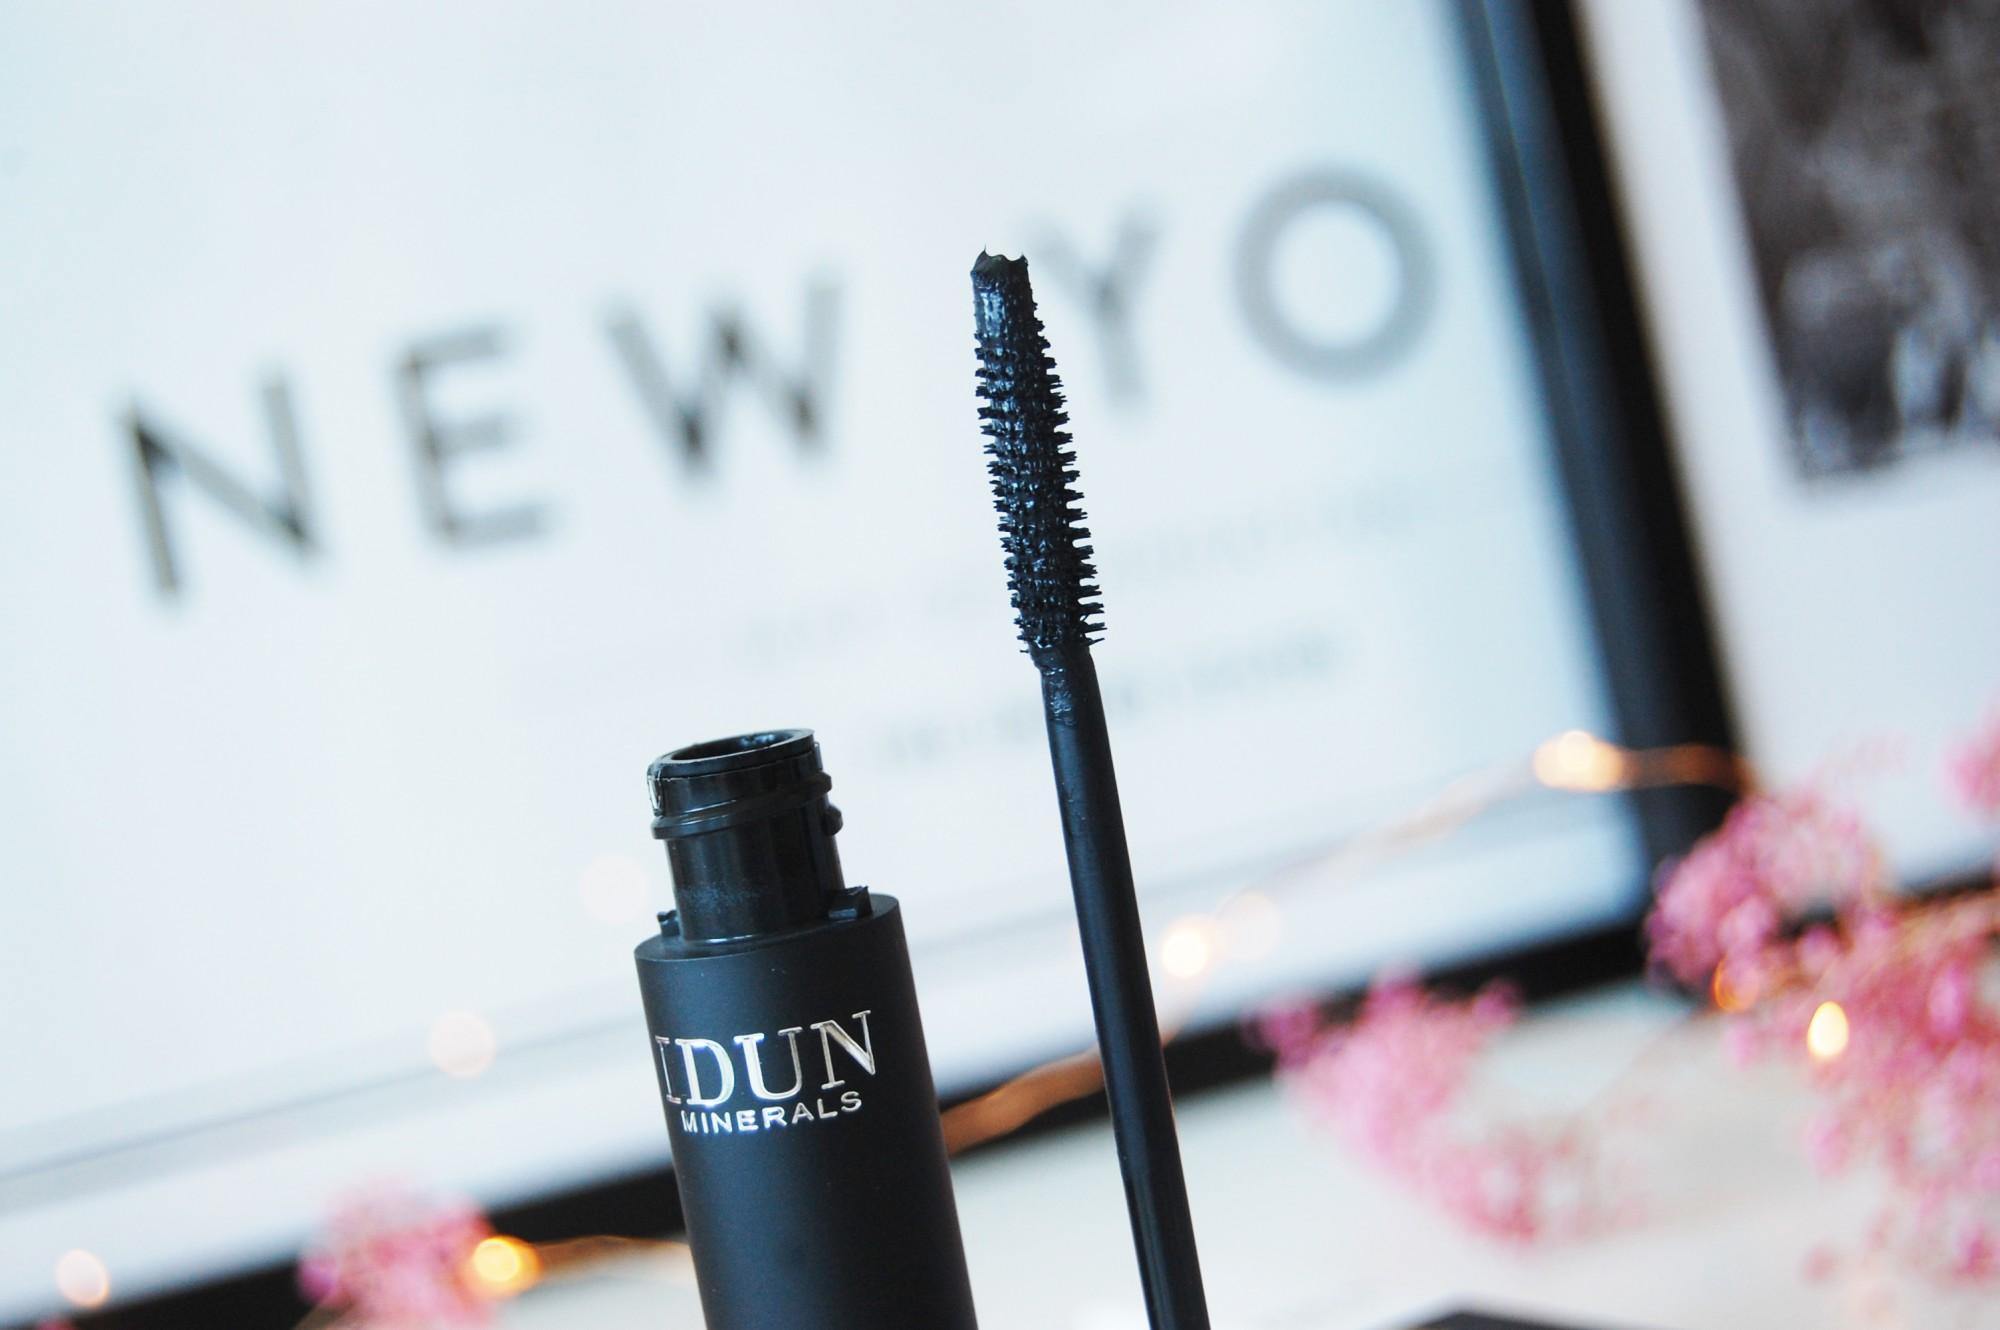 IDUN Minerals make-up